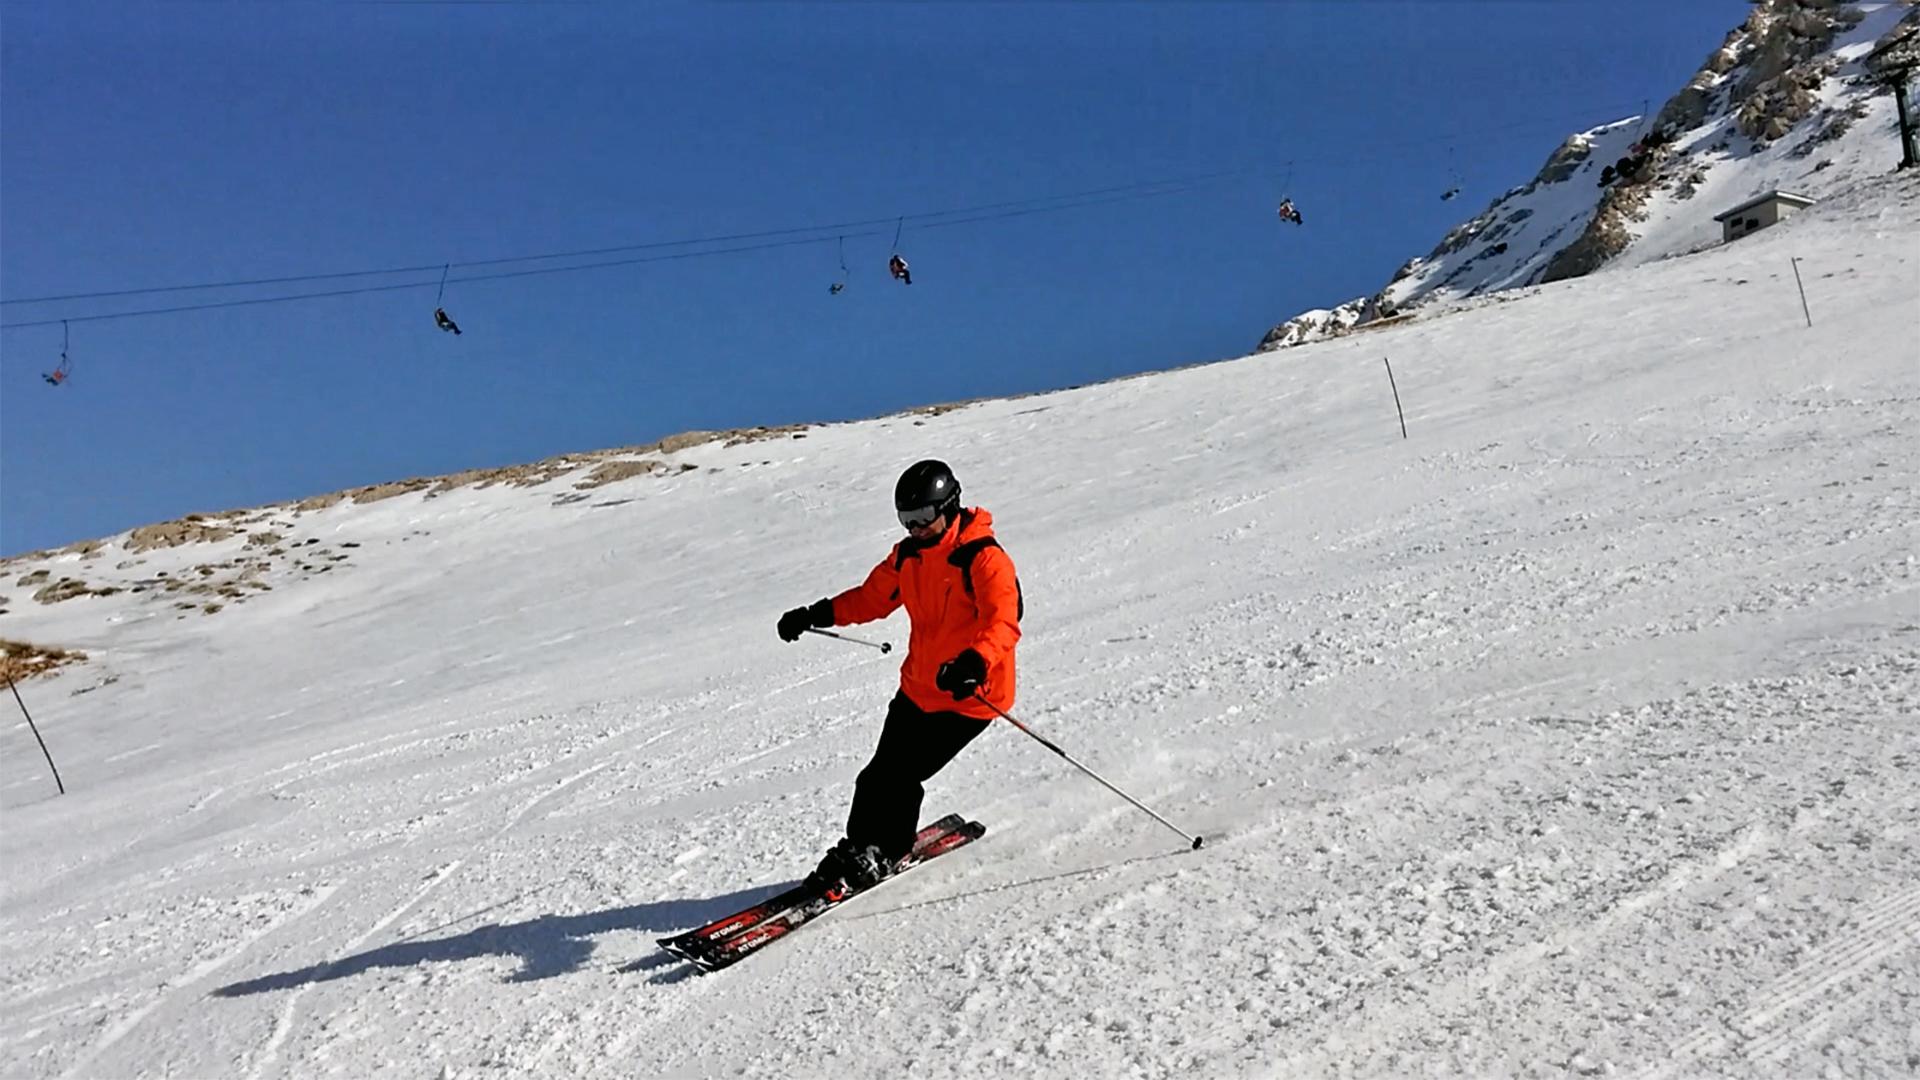 <p>Bu yazıda doğru kayak boyunu seçmeniz için size yardımcı olacak güncel bilgileri paylaşıyorum.</p>